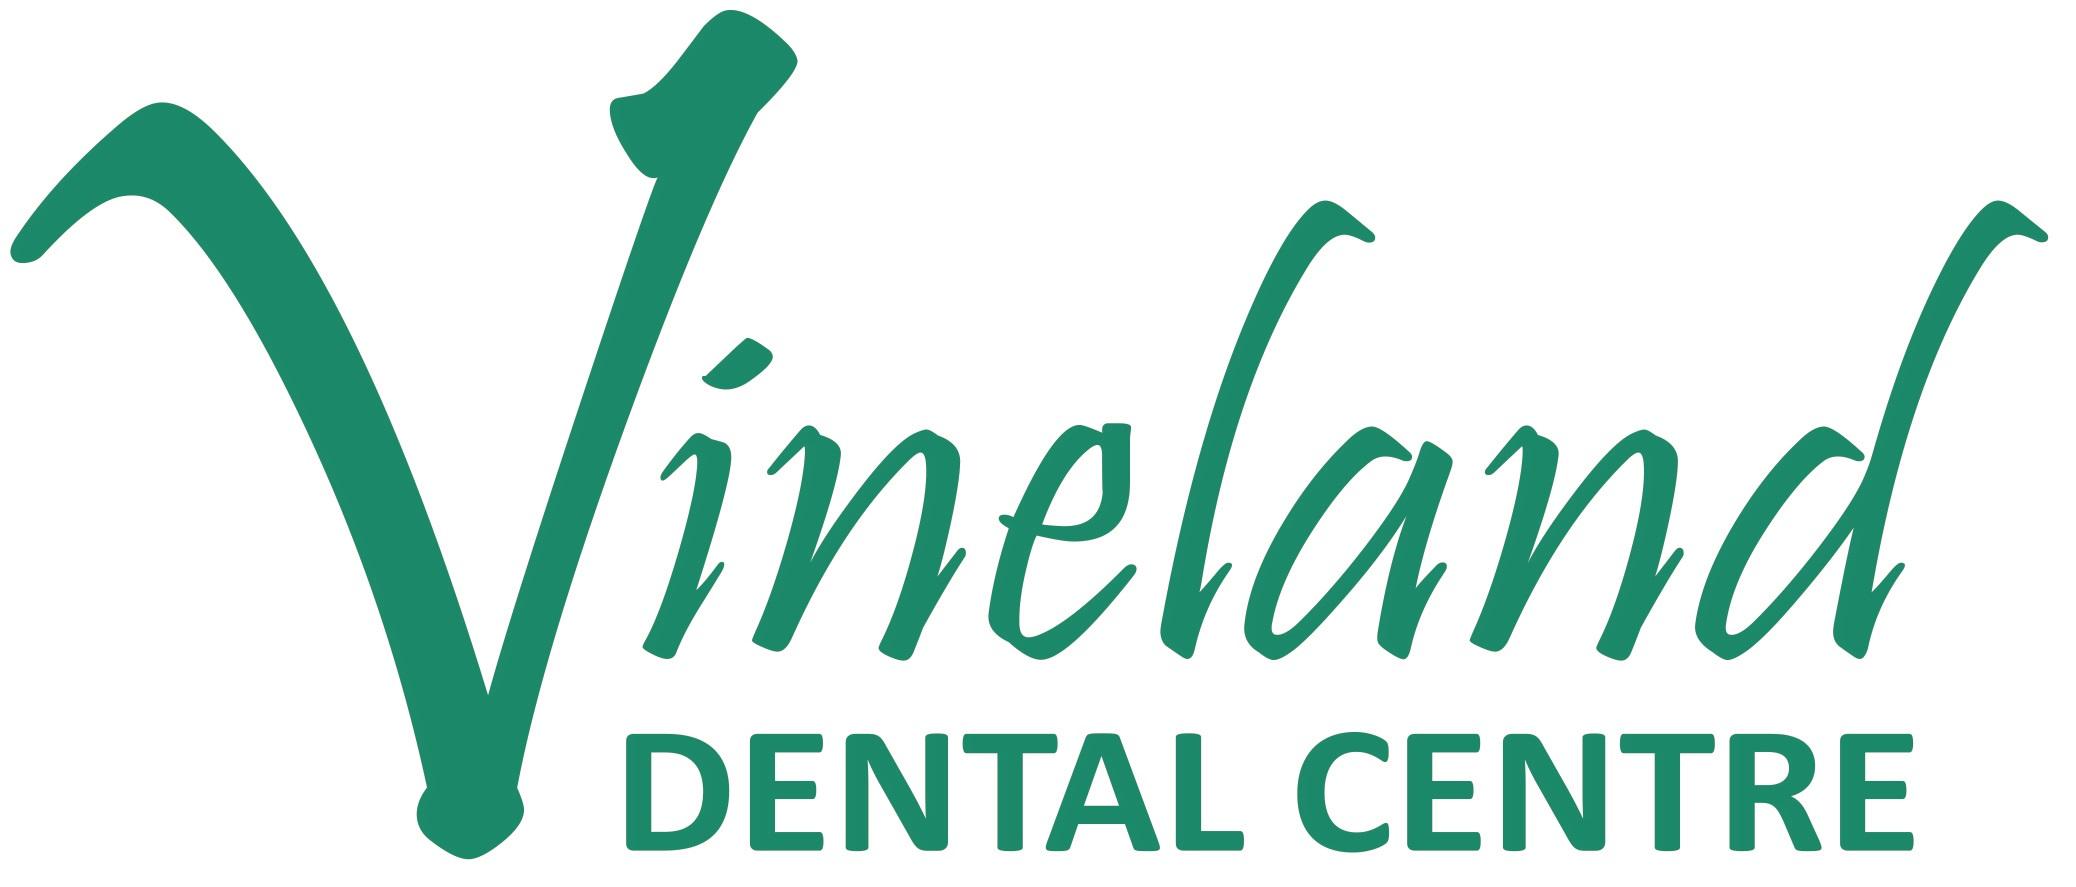 Vineland Dental